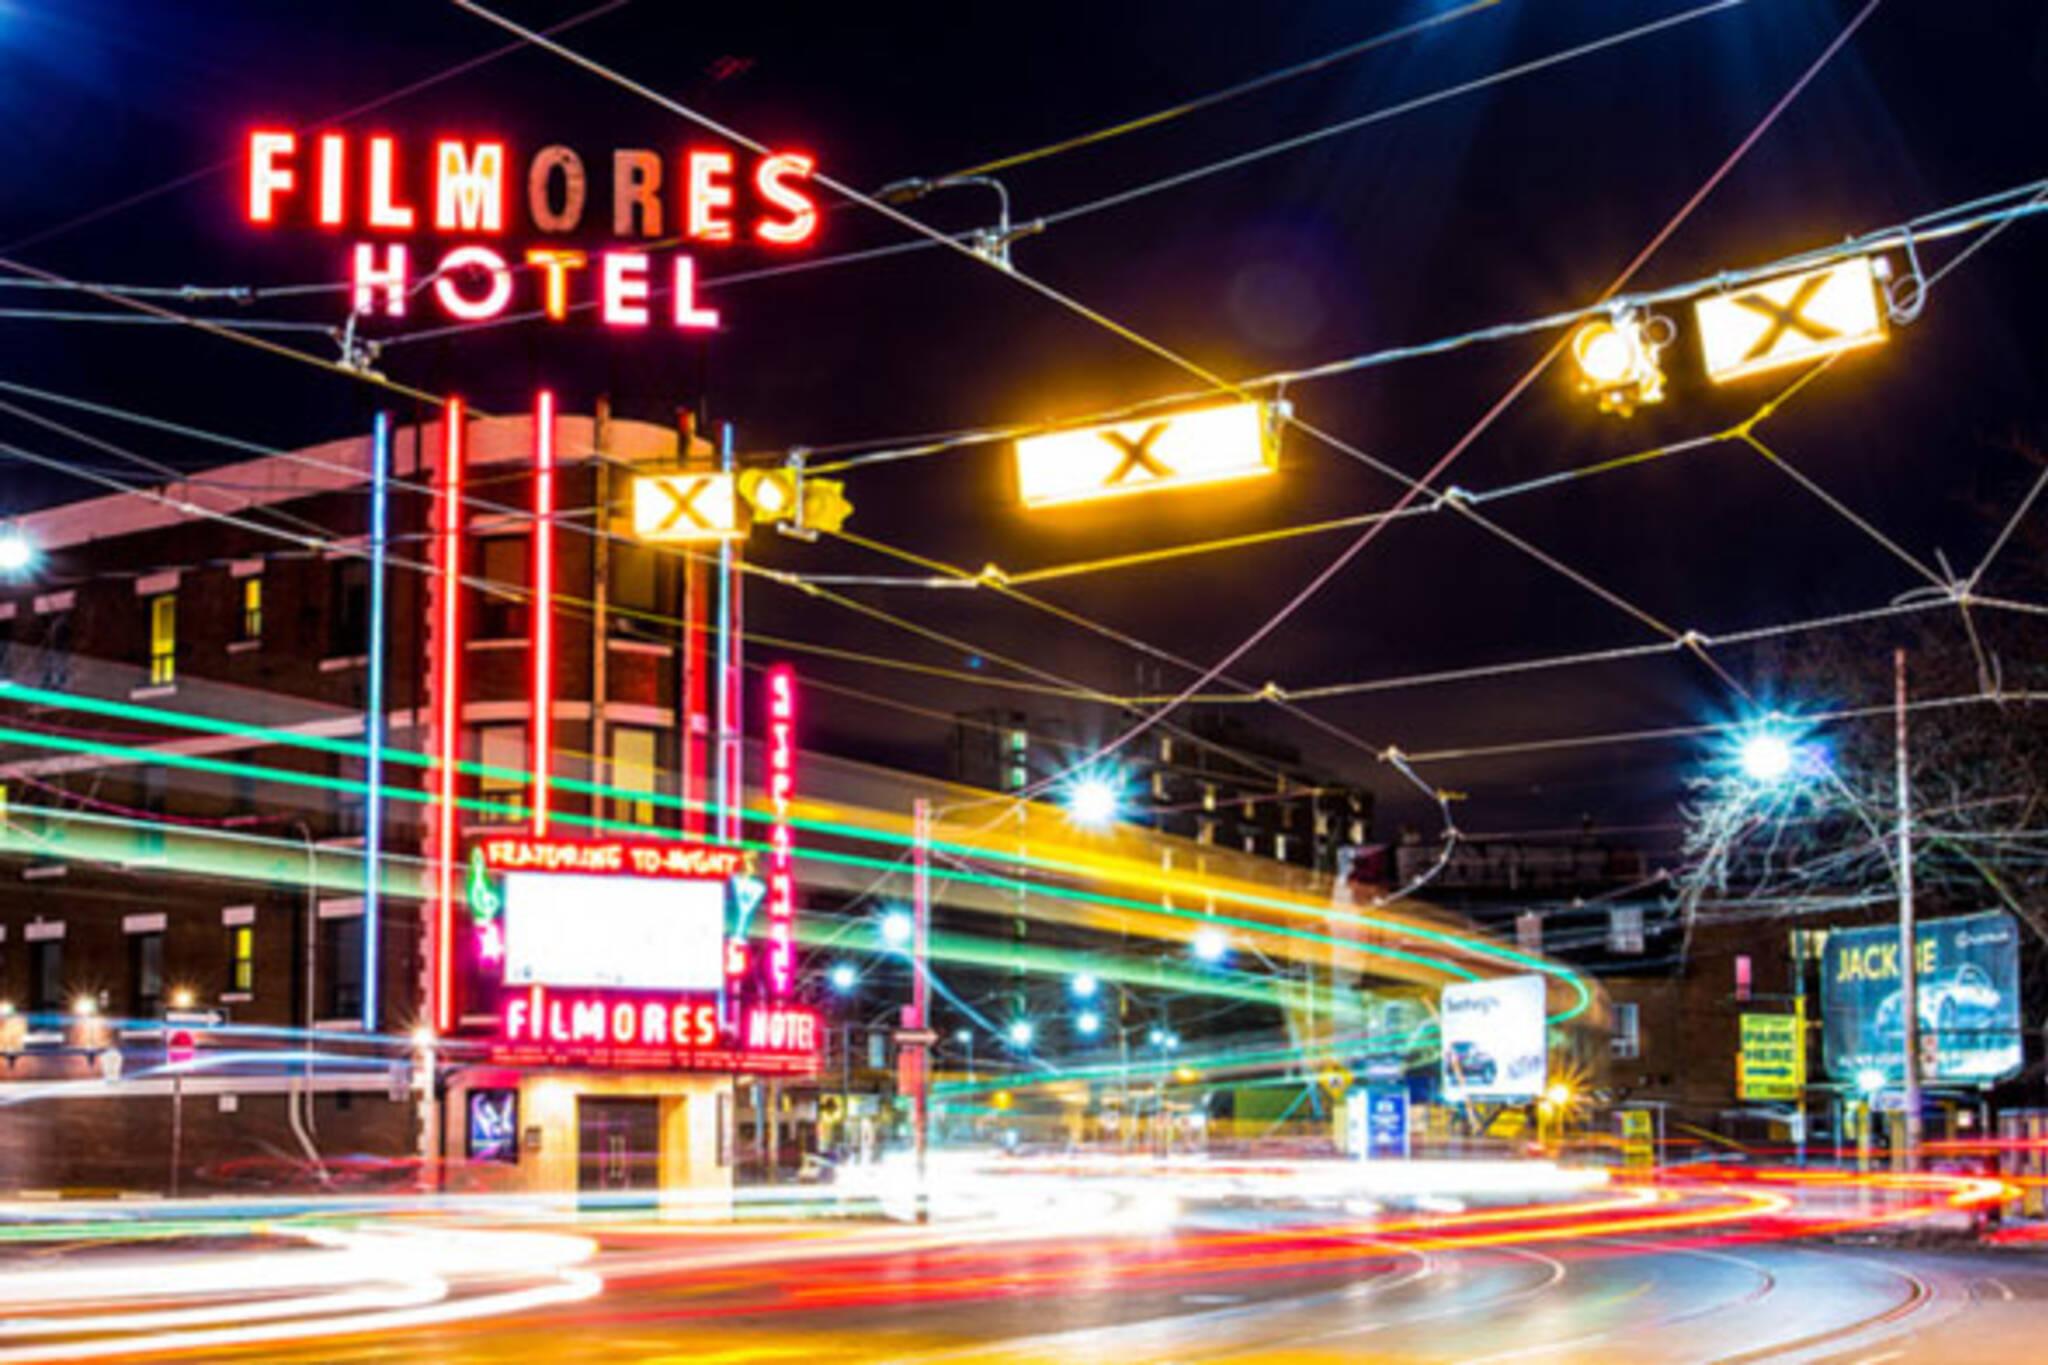 filmores hotel